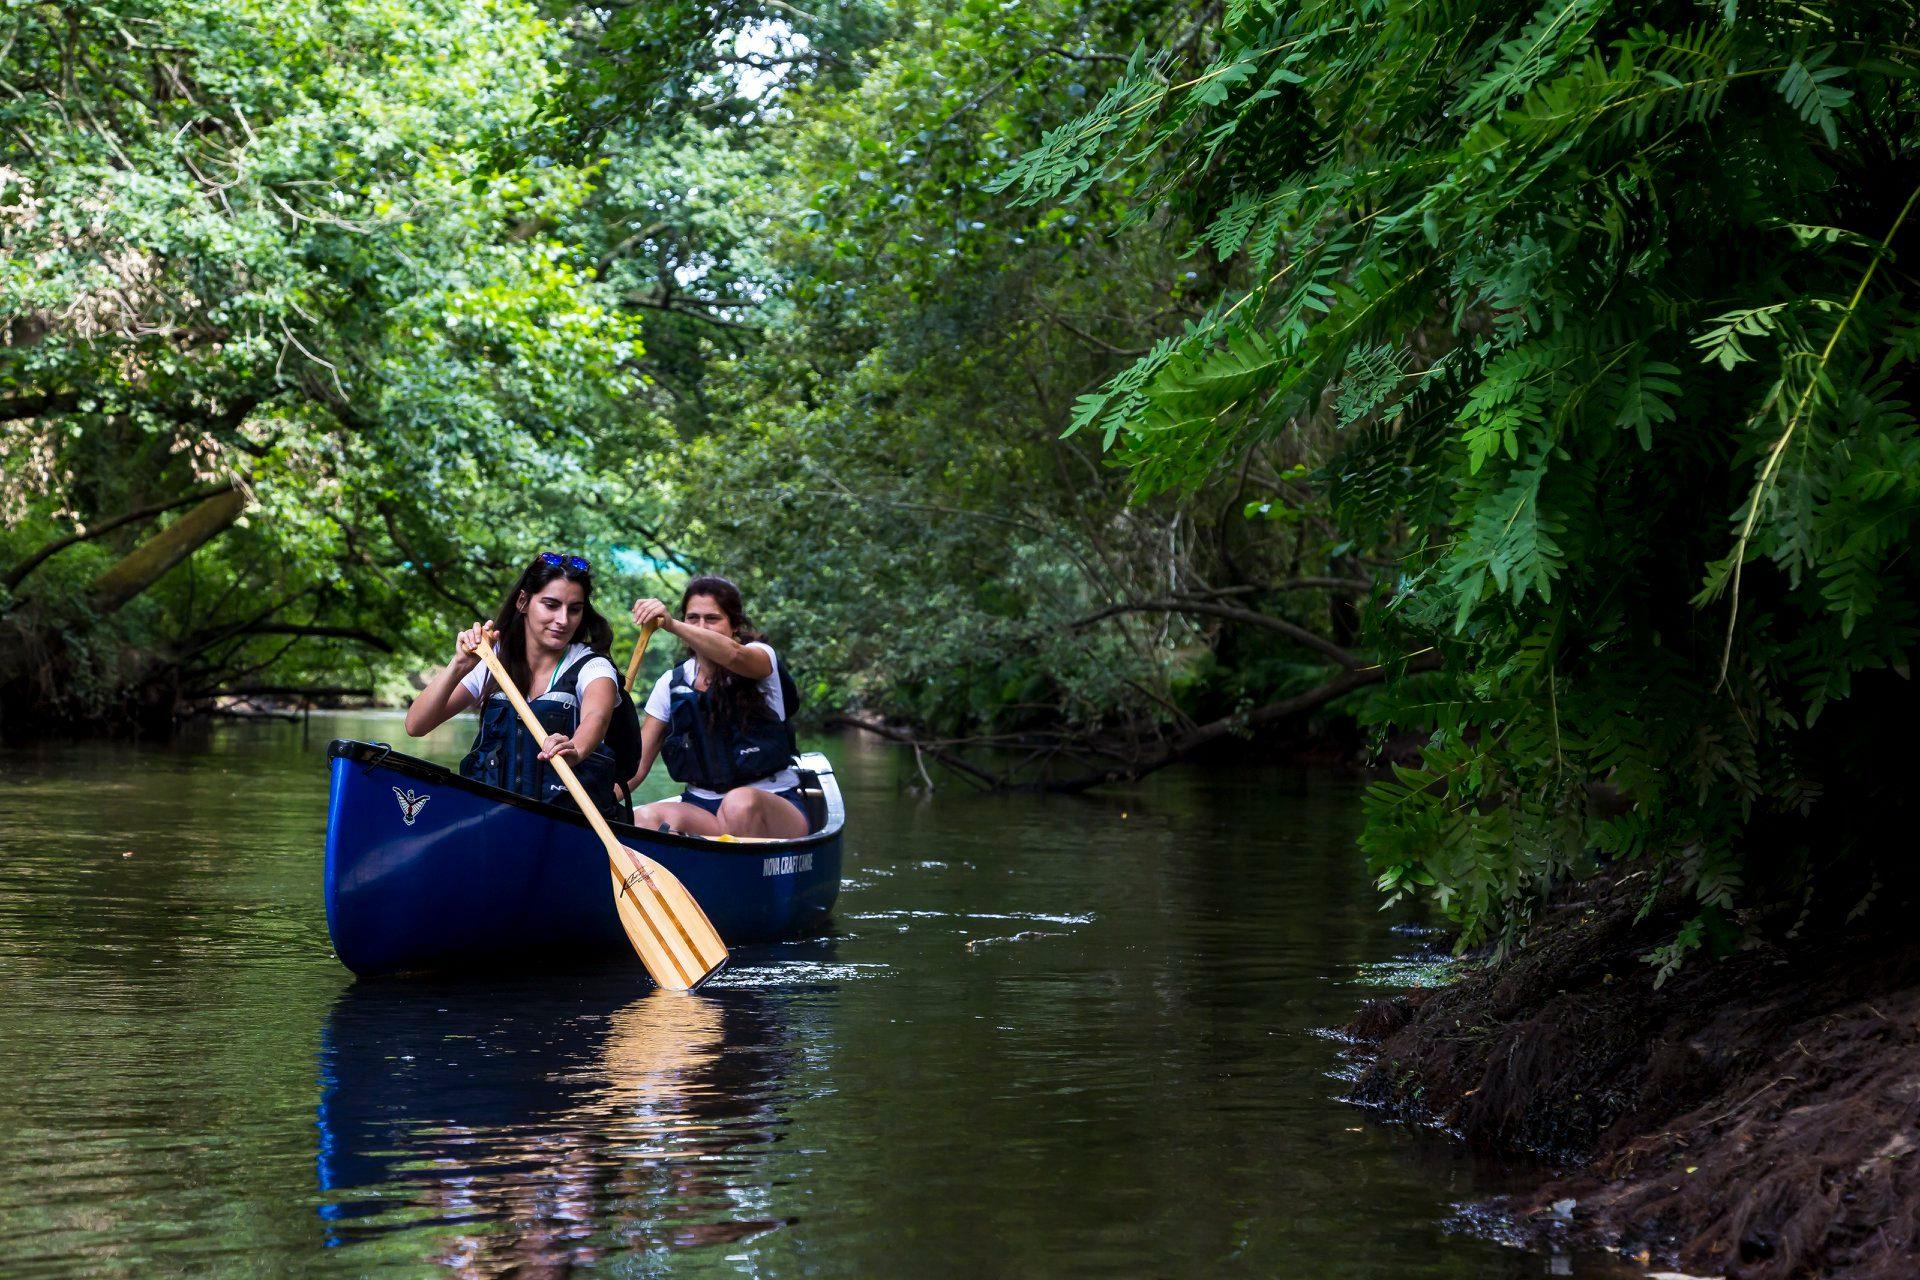 Bains de nature - Agenda Nature du Teich